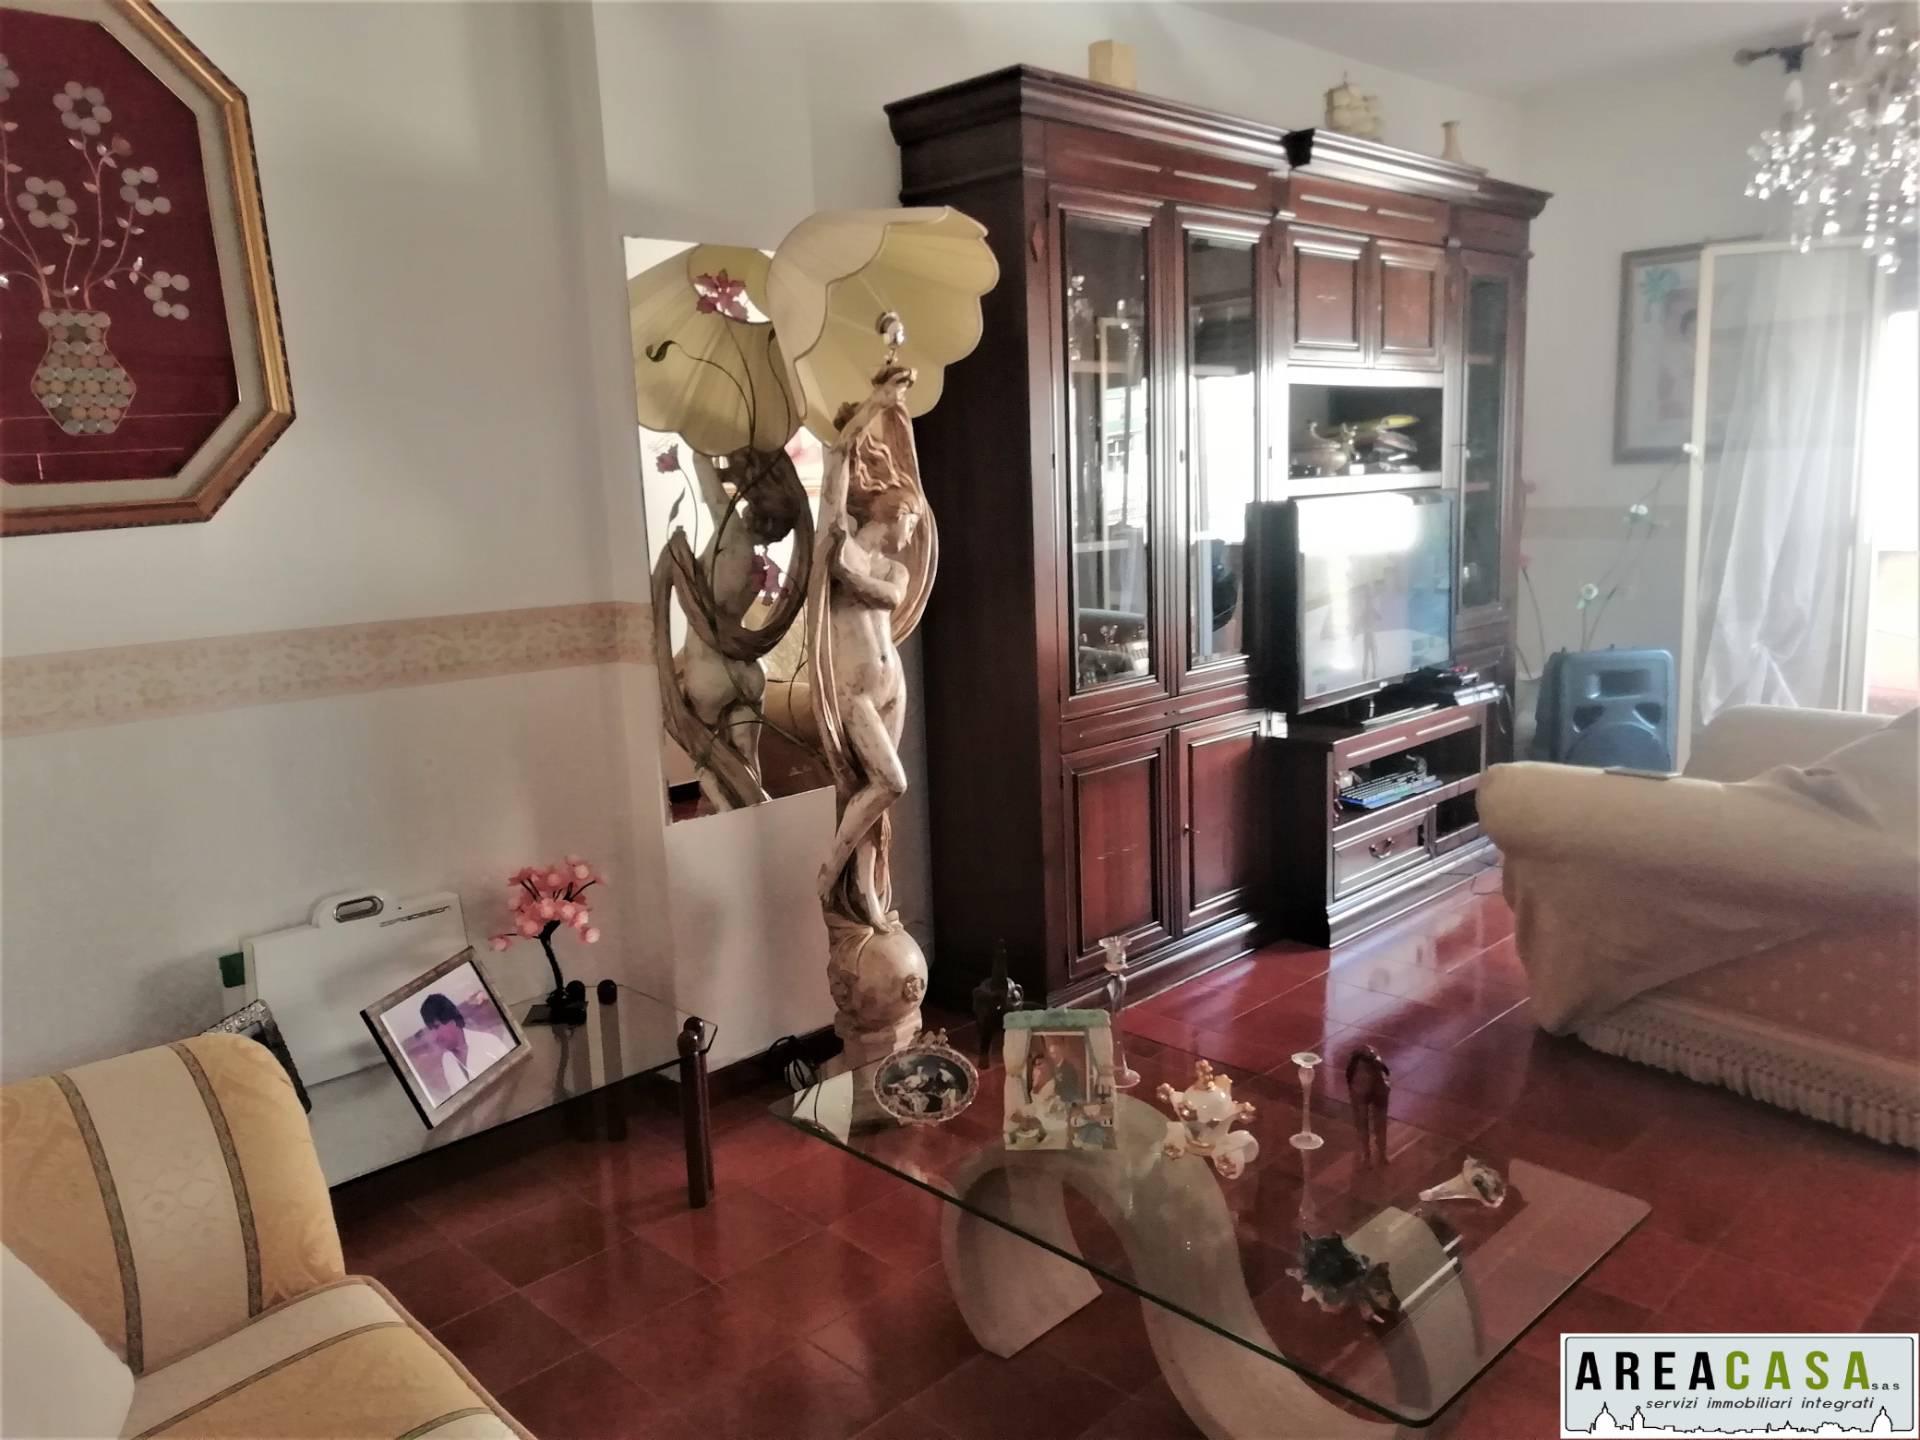 Appartamento in vendita a Capaci, 4 locali, prezzo € 118.000 | PortaleAgenzieImmobiliari.it